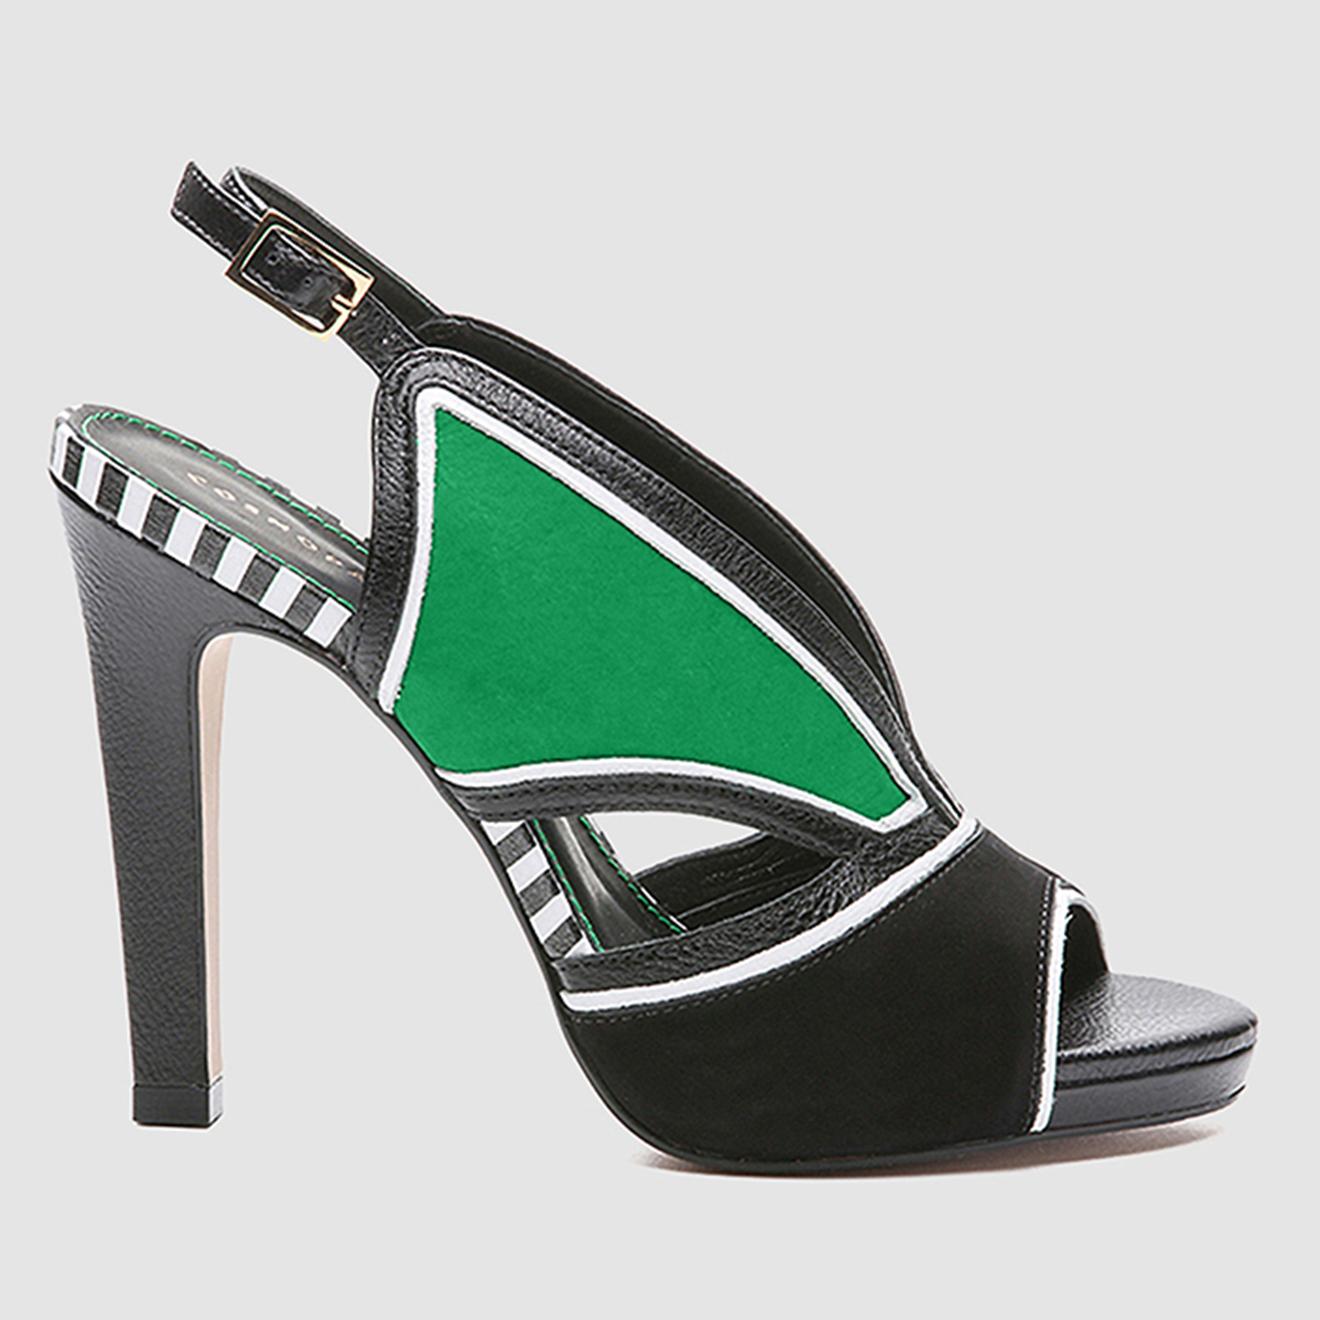 Sandales en Cuir et Velours de Cuir Lini noir/vert - Talon 11 cm - Cosmoparis - Modalova